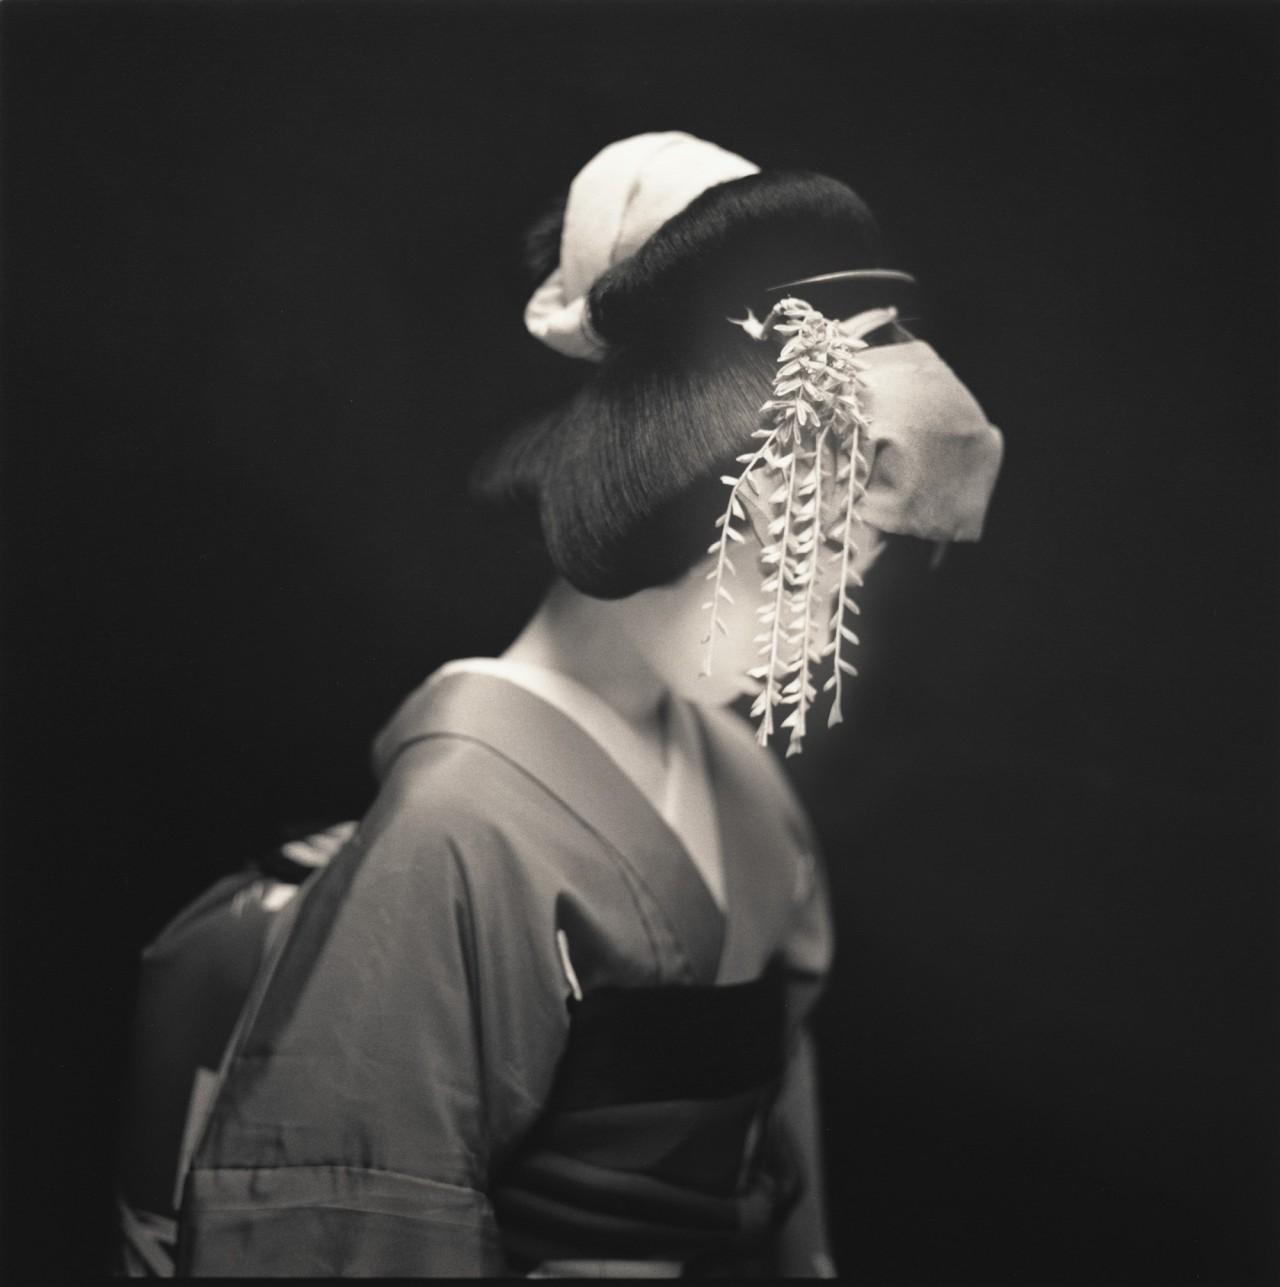 Хироси Ватанабэ: мистические кайданы и портреты актёров кабуки